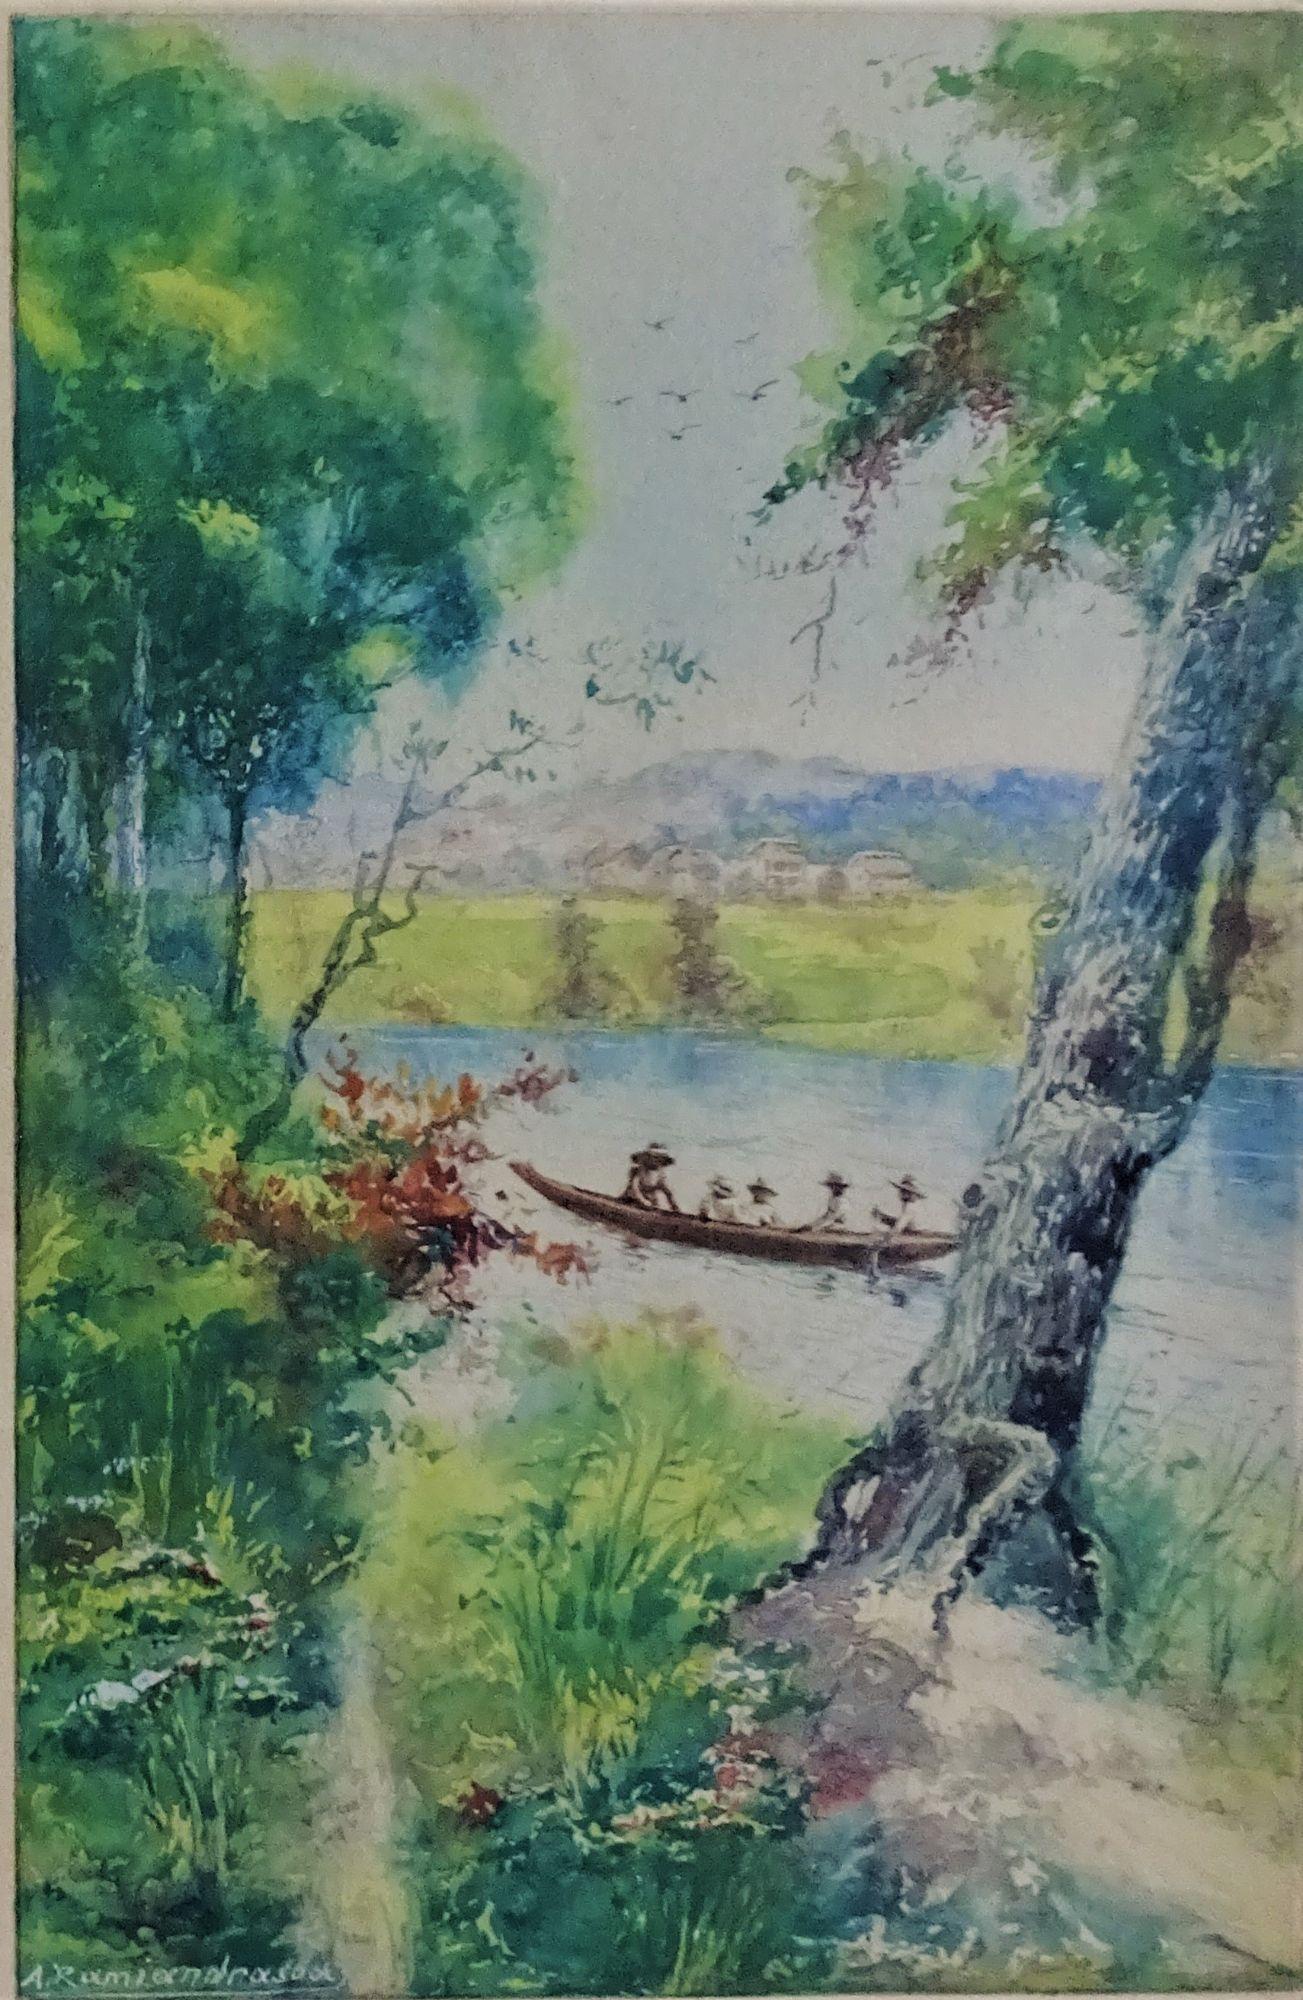 A. Ramiandrasoa, c1910.